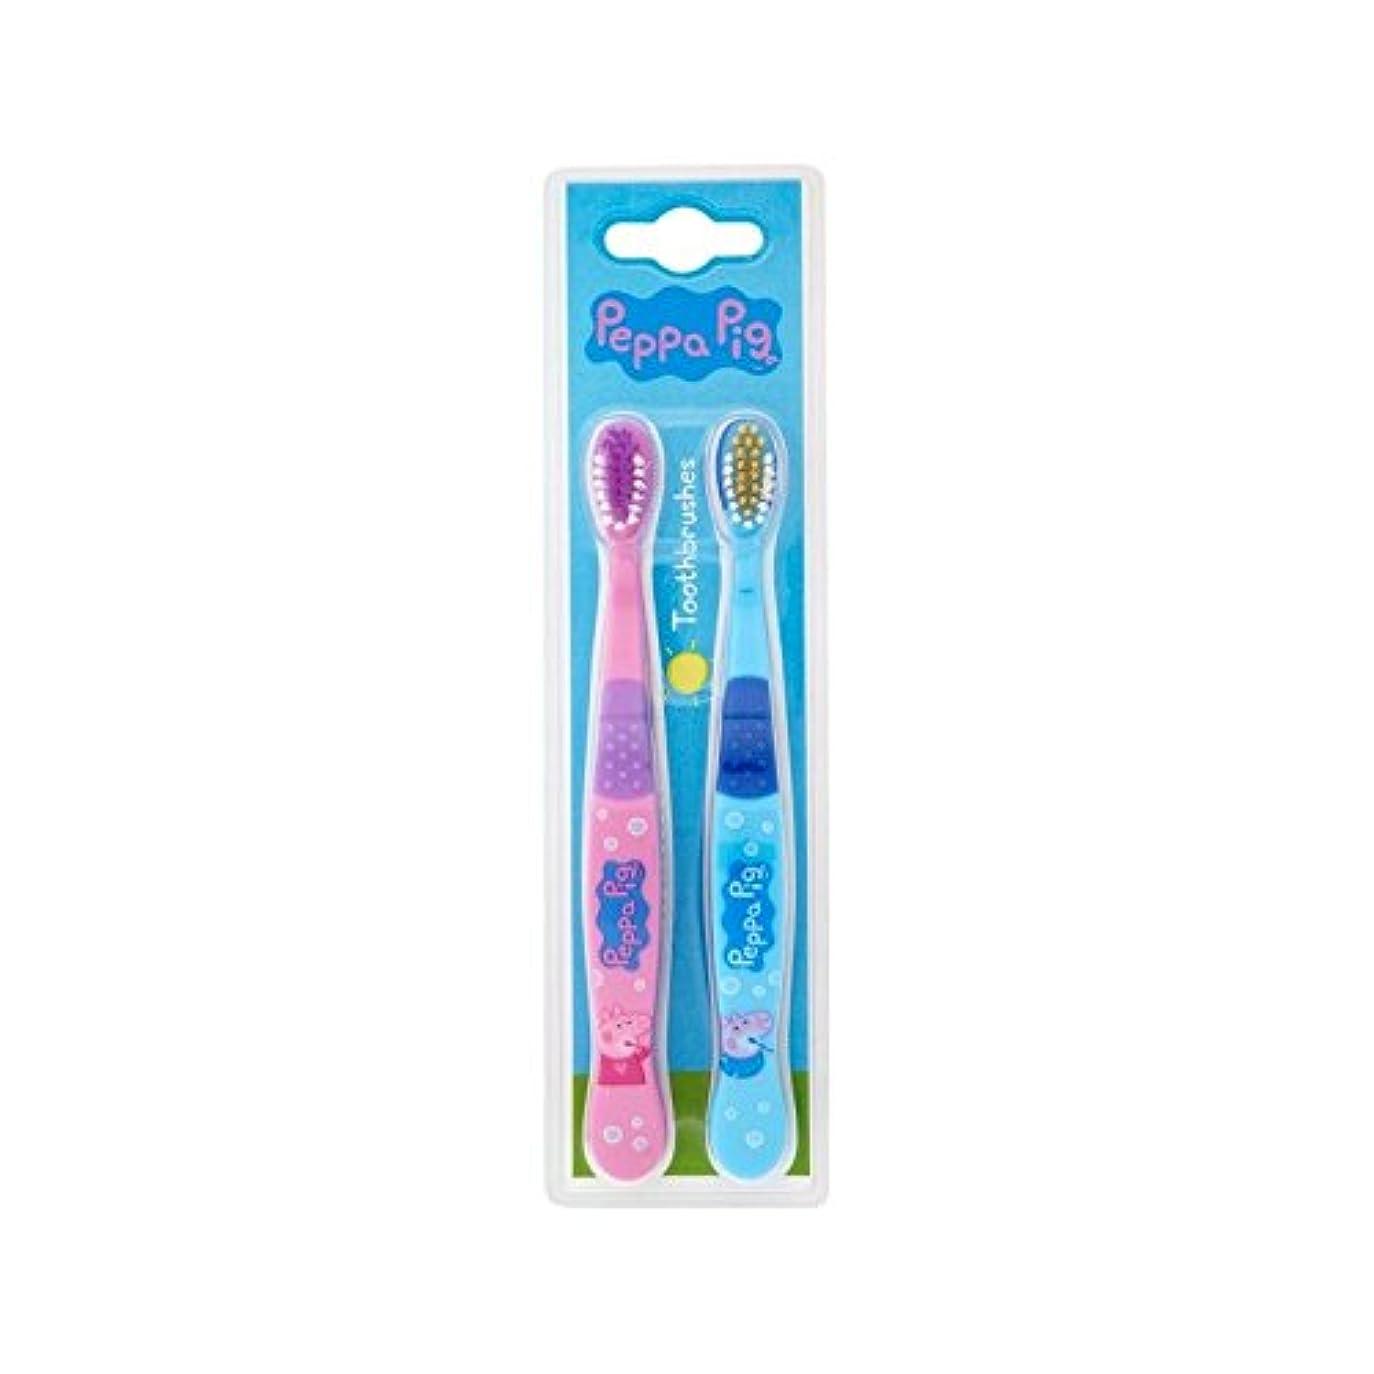 遺体安置所読者かけがえのない1パックツイン歯ブラシ2 (Peppa Pig) - Peppa Pig Twin Toothbrush 2 per pack [並行輸入品]